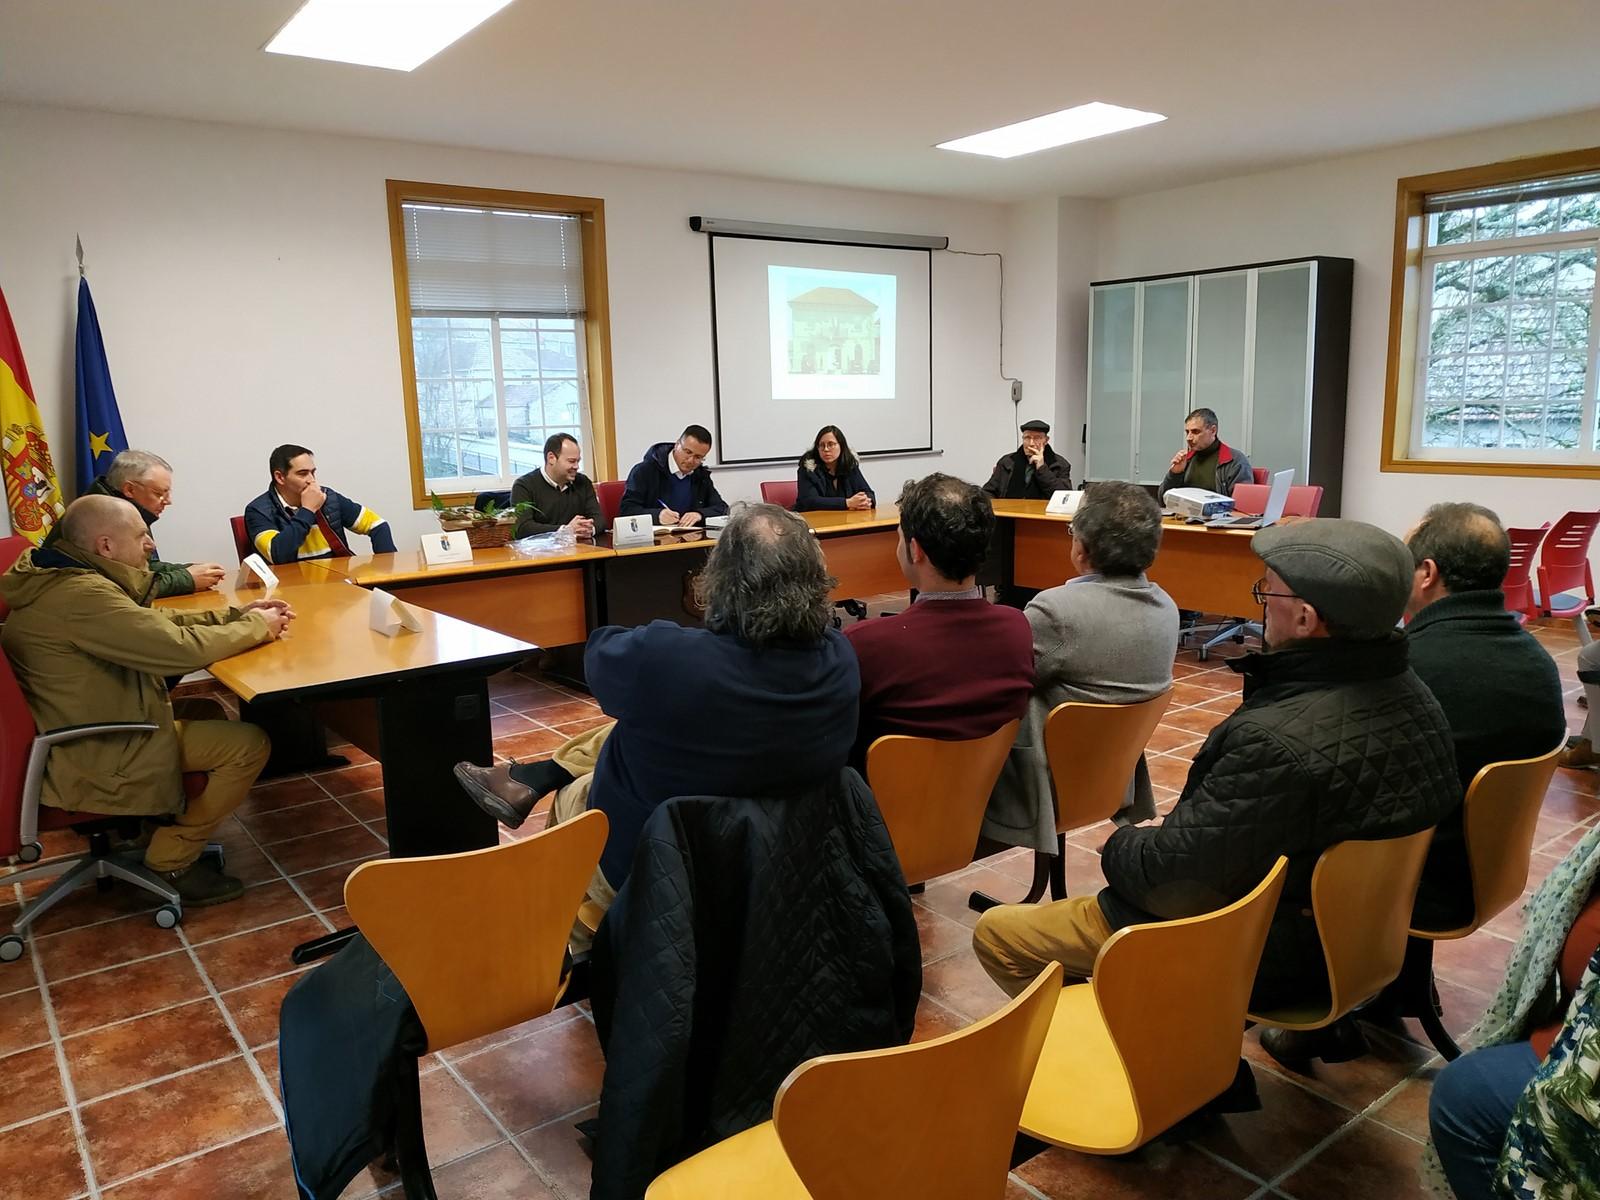 La Xunta colabora con el ayuntamiento de O Irixo para la constitución de una agrupación de gestión forestal